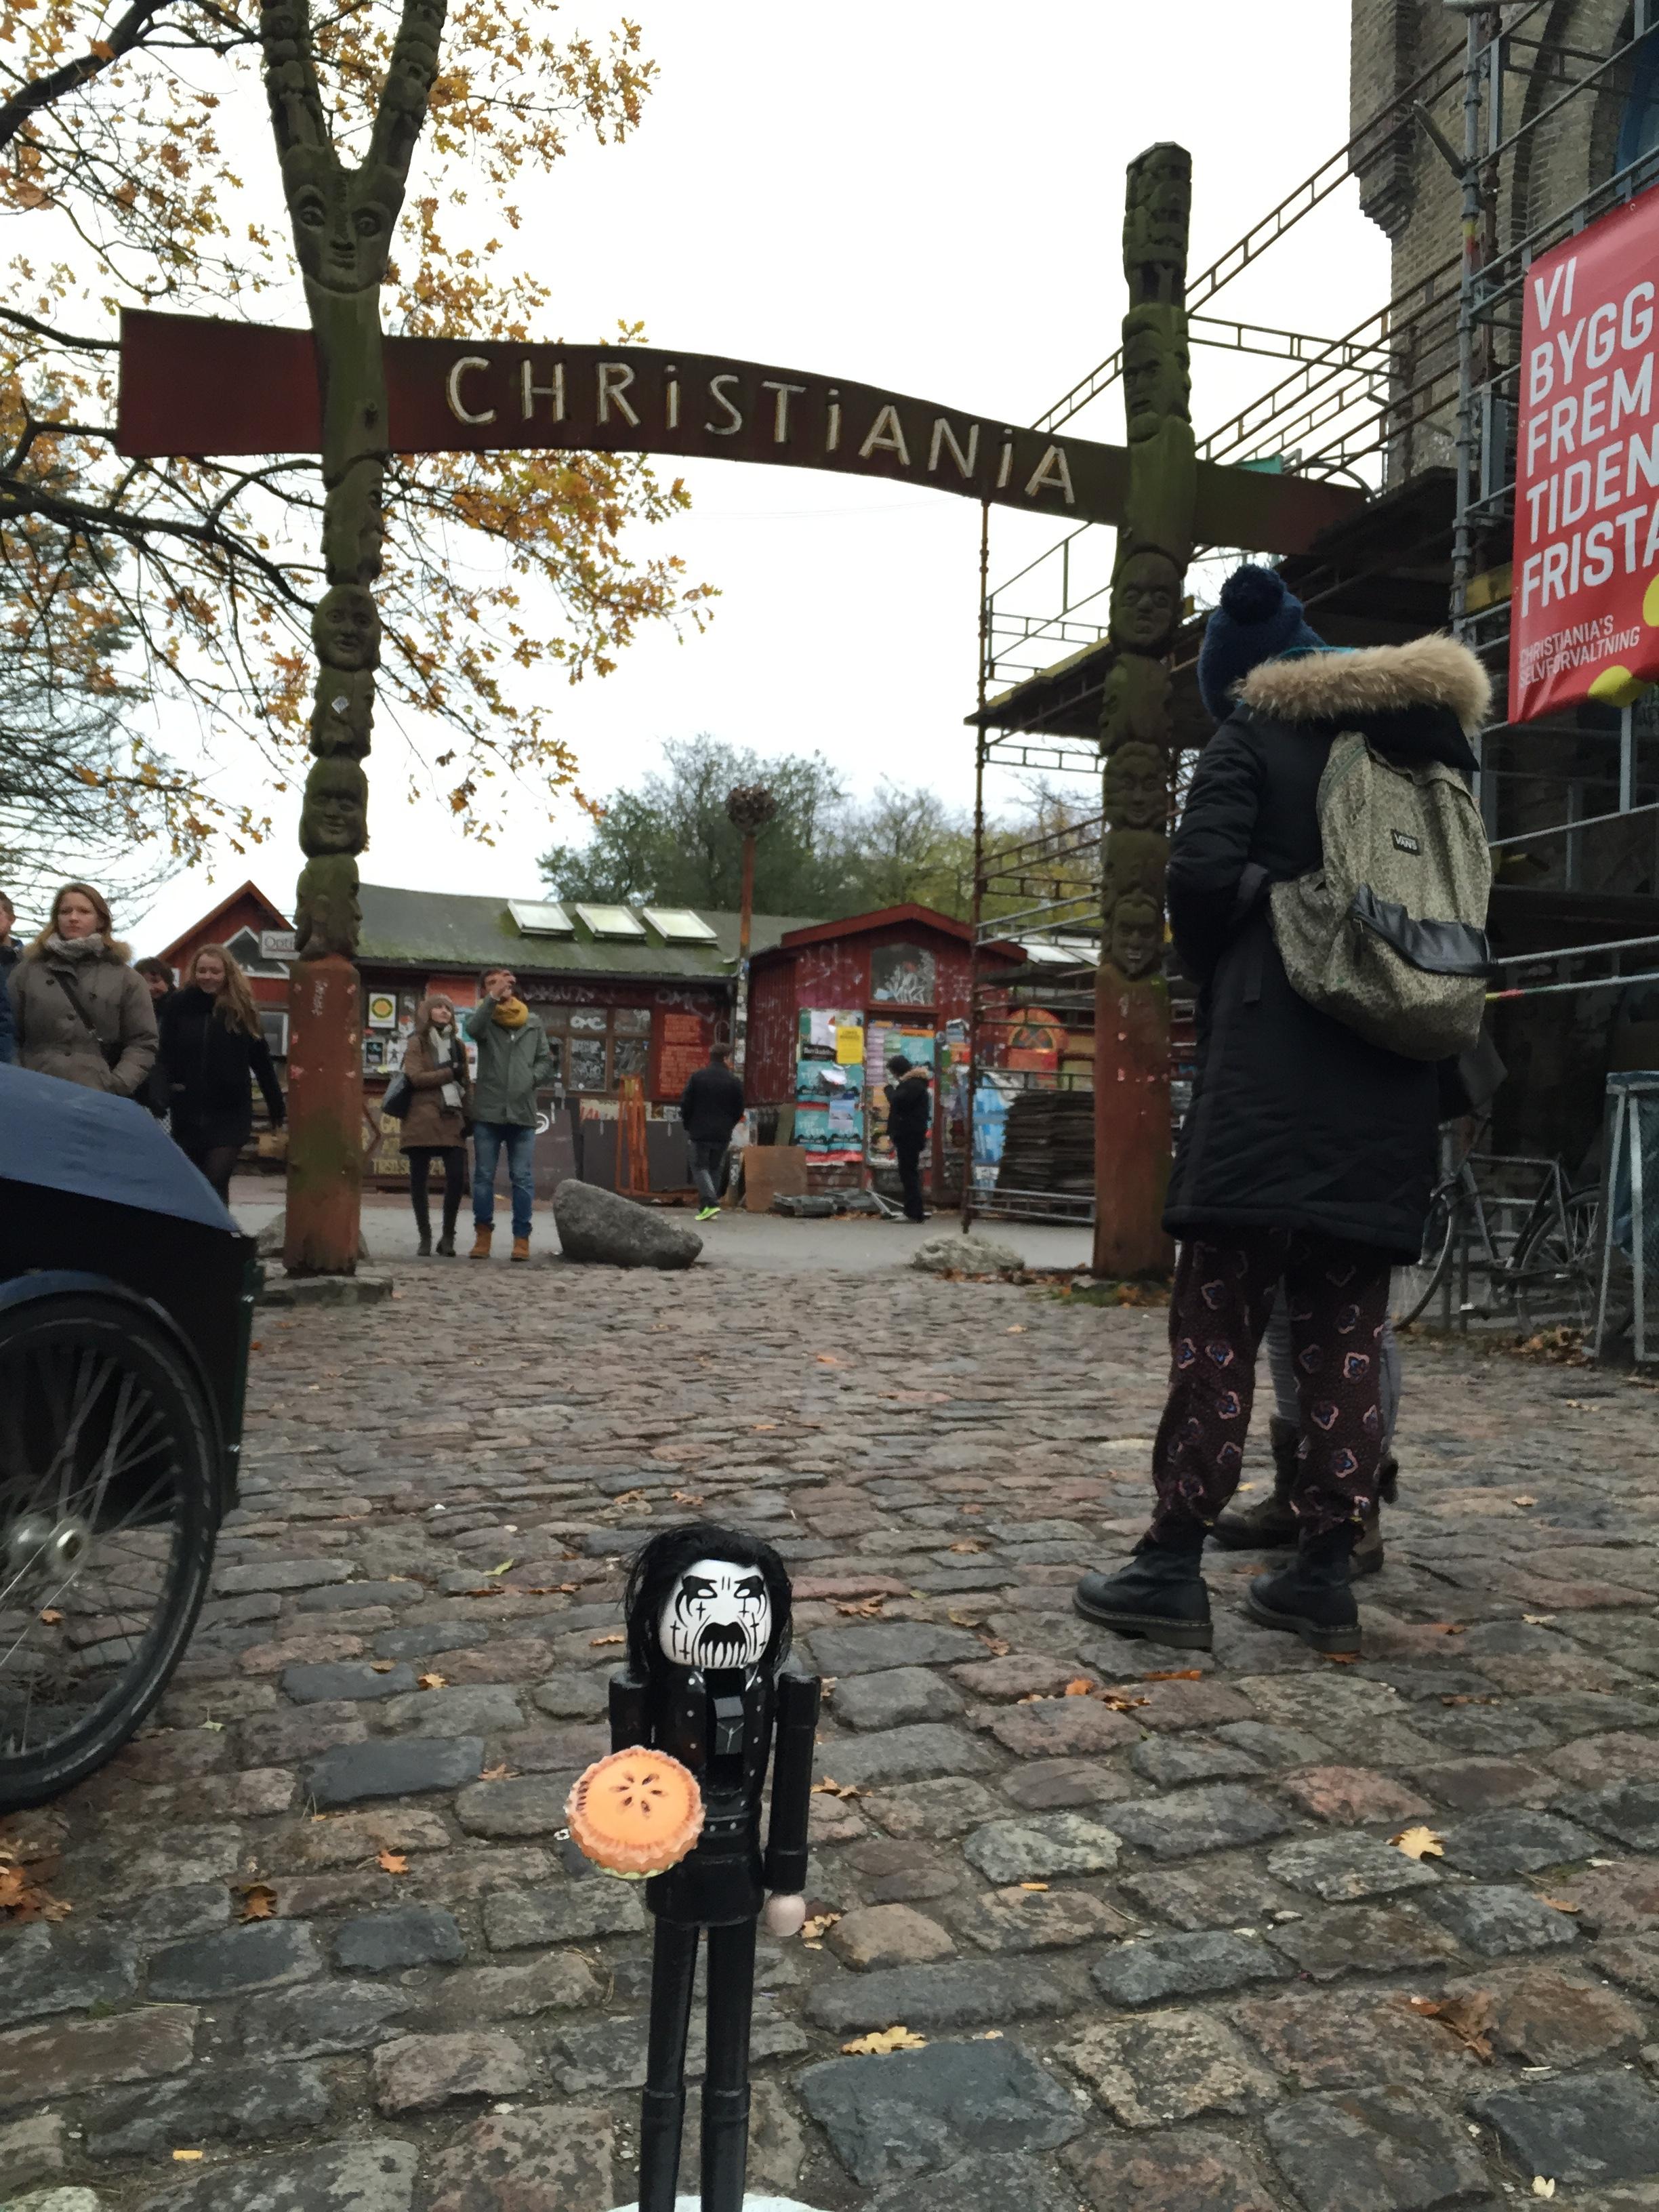 Christiania, 2016